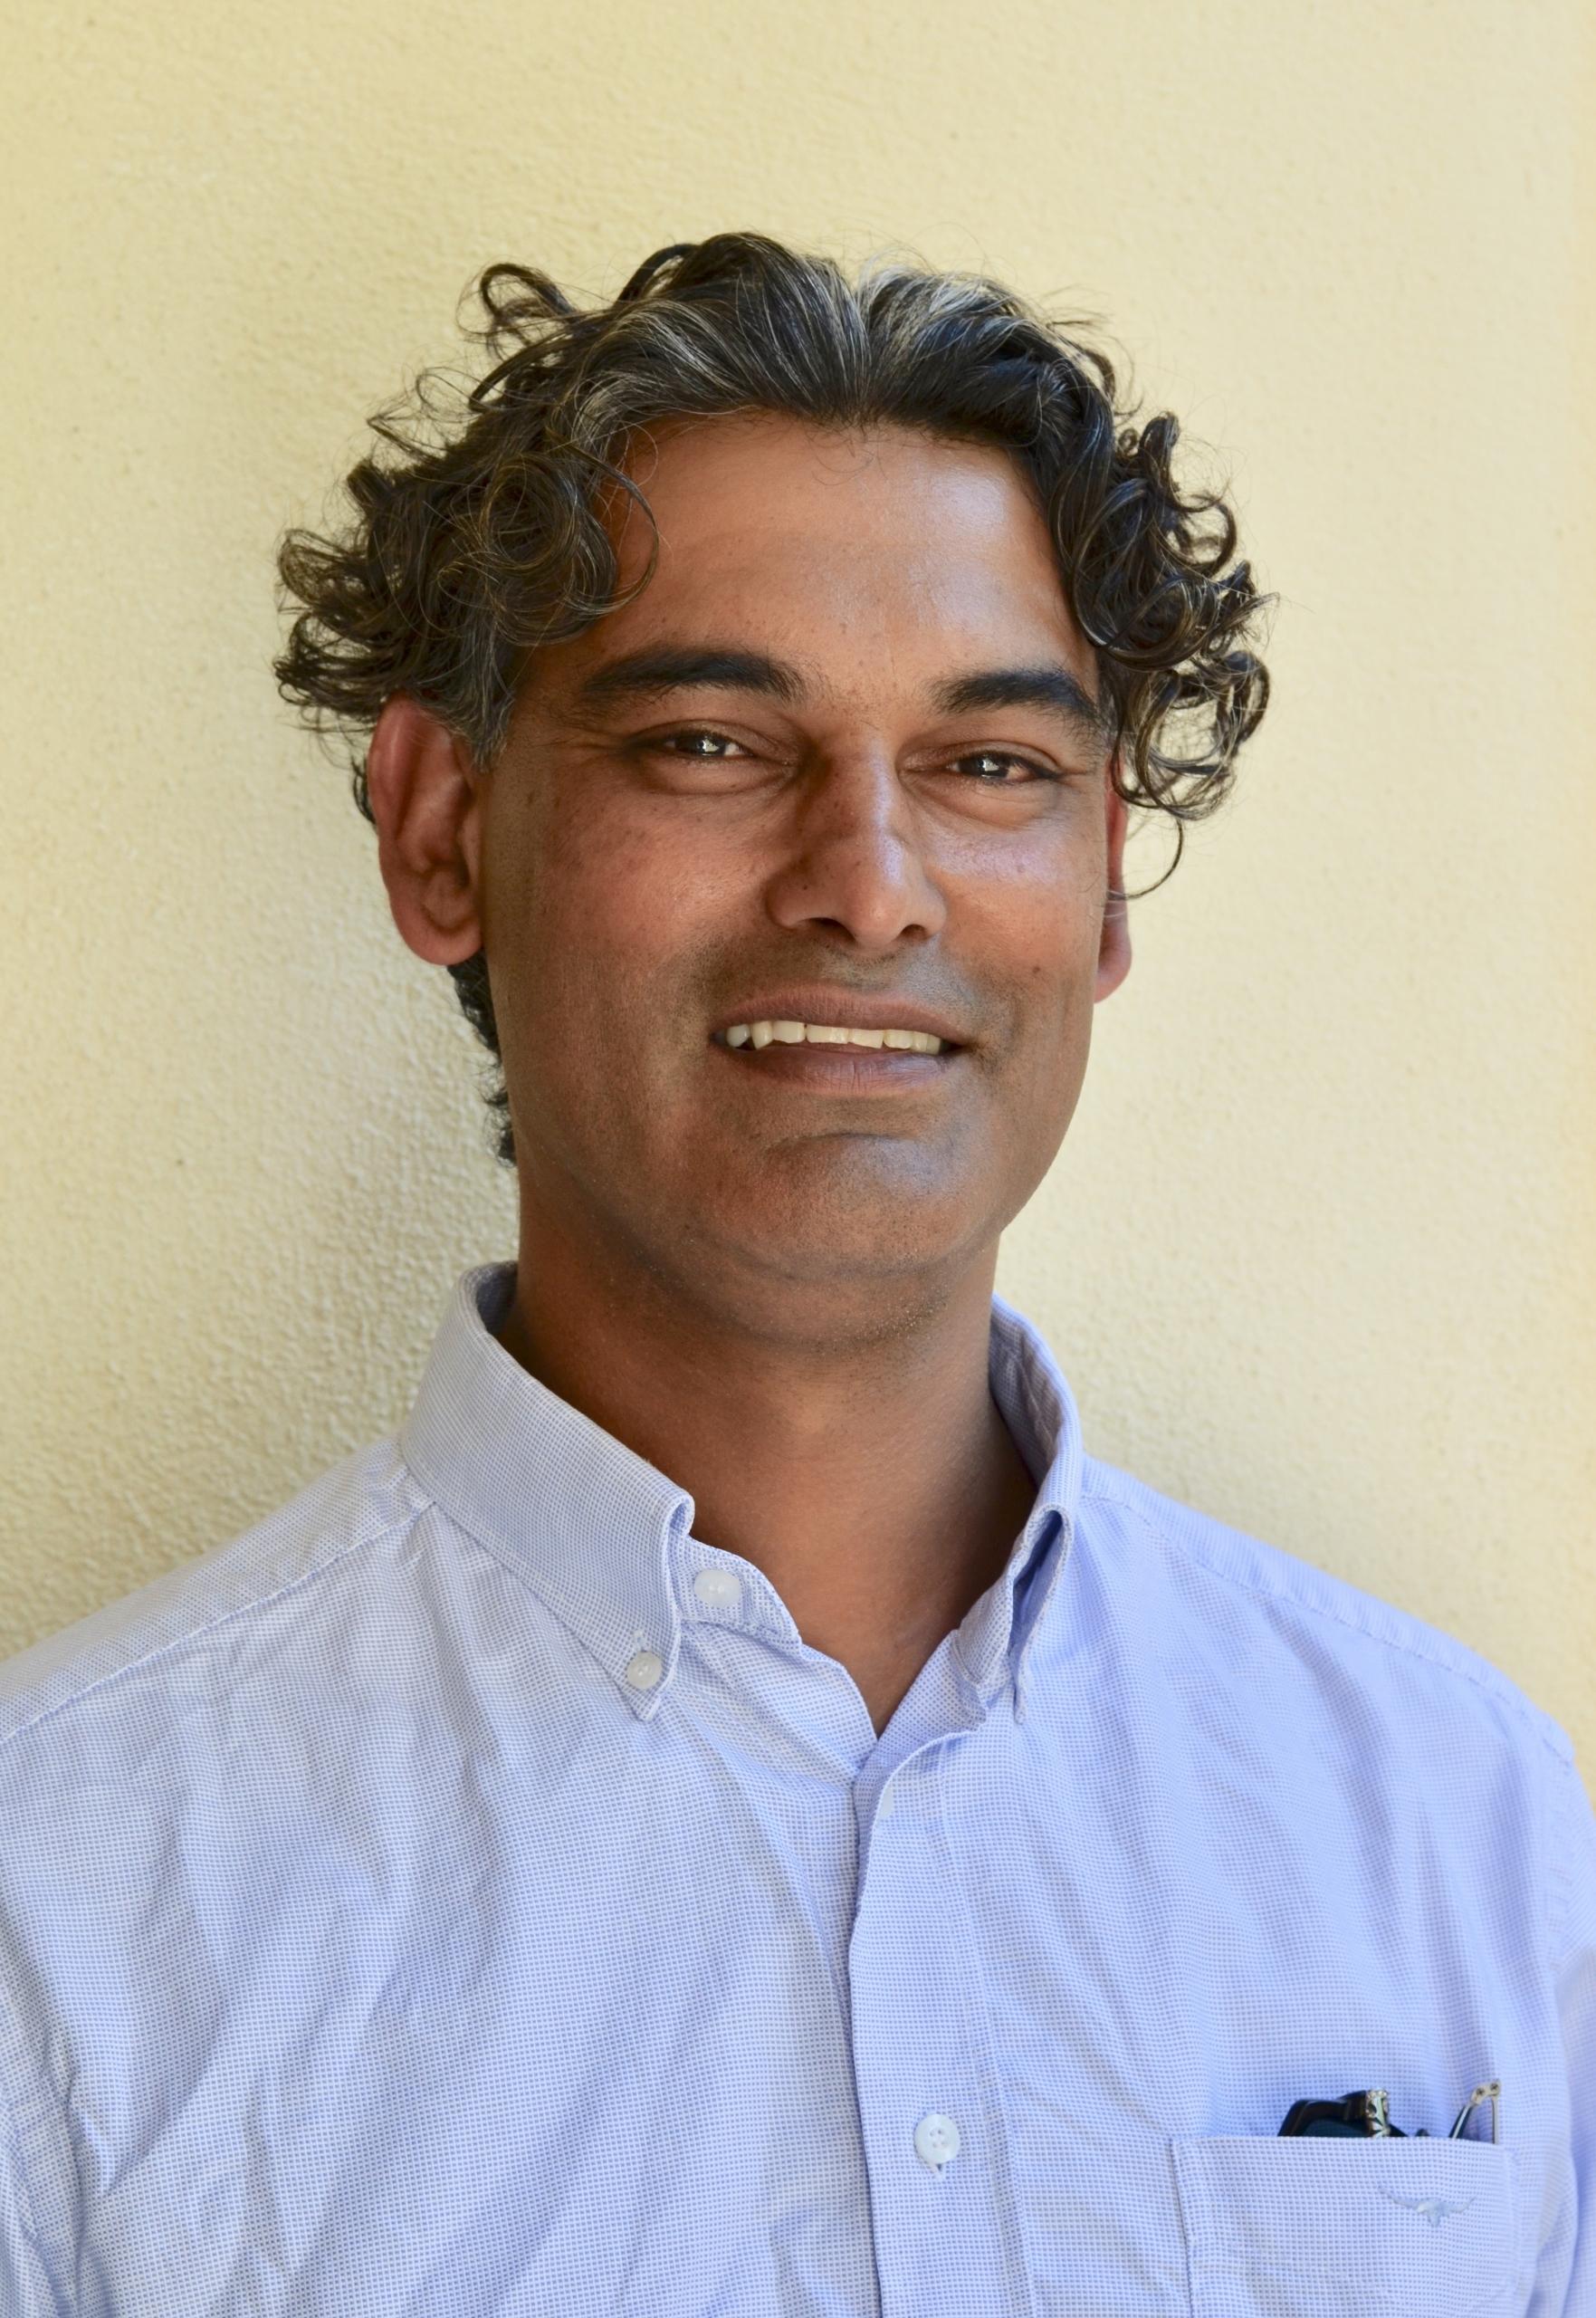 Jason Sondhu